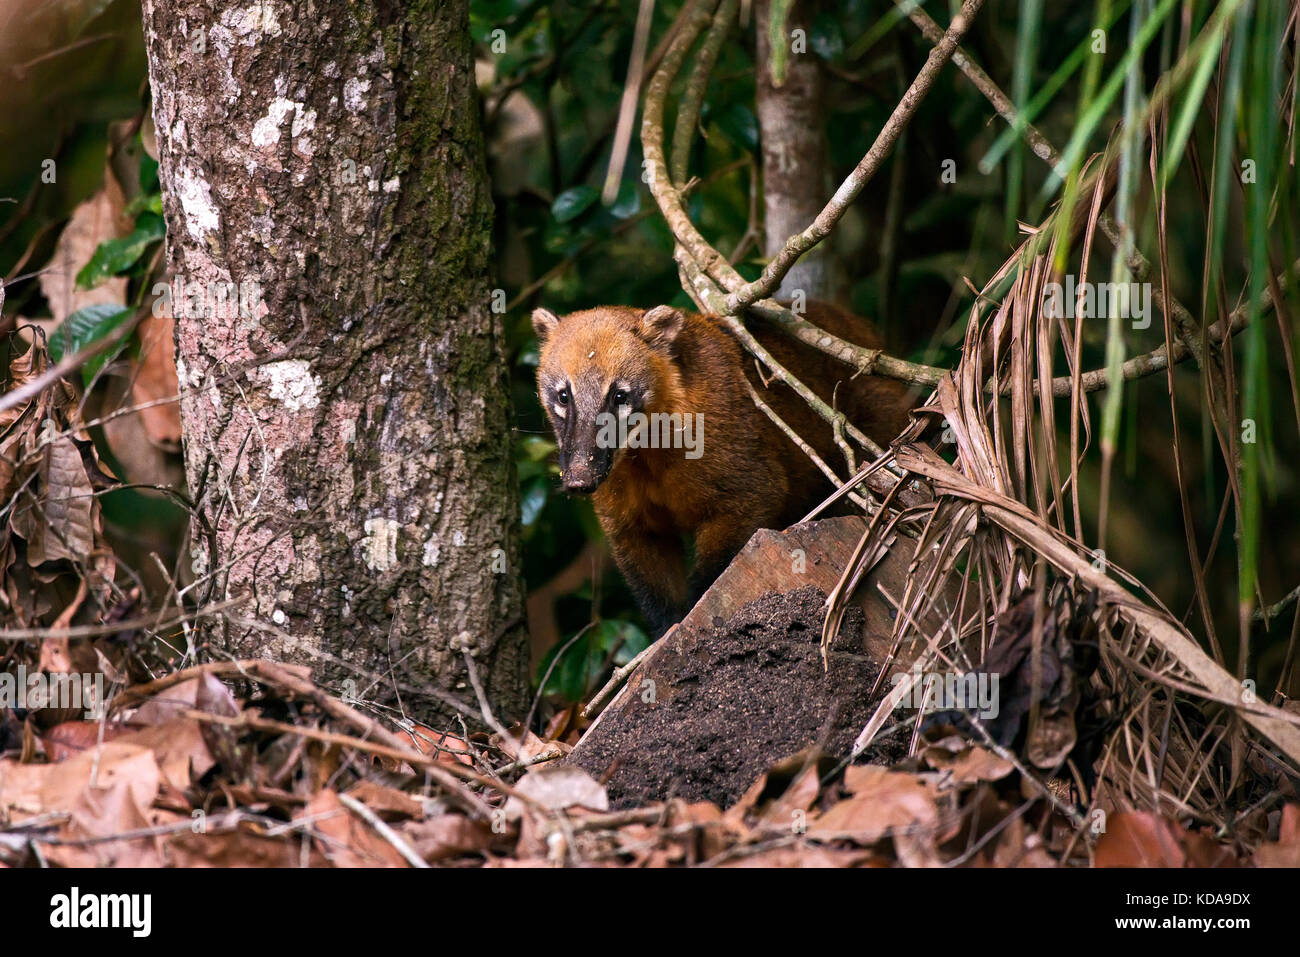 """""""Quati-de-cauda-anelada (Nasua nasua) fotografado em Linhares, Espírito Santo -  Sudeste do Brasil. Bioma Mata Atlântica. Stock Photo"""